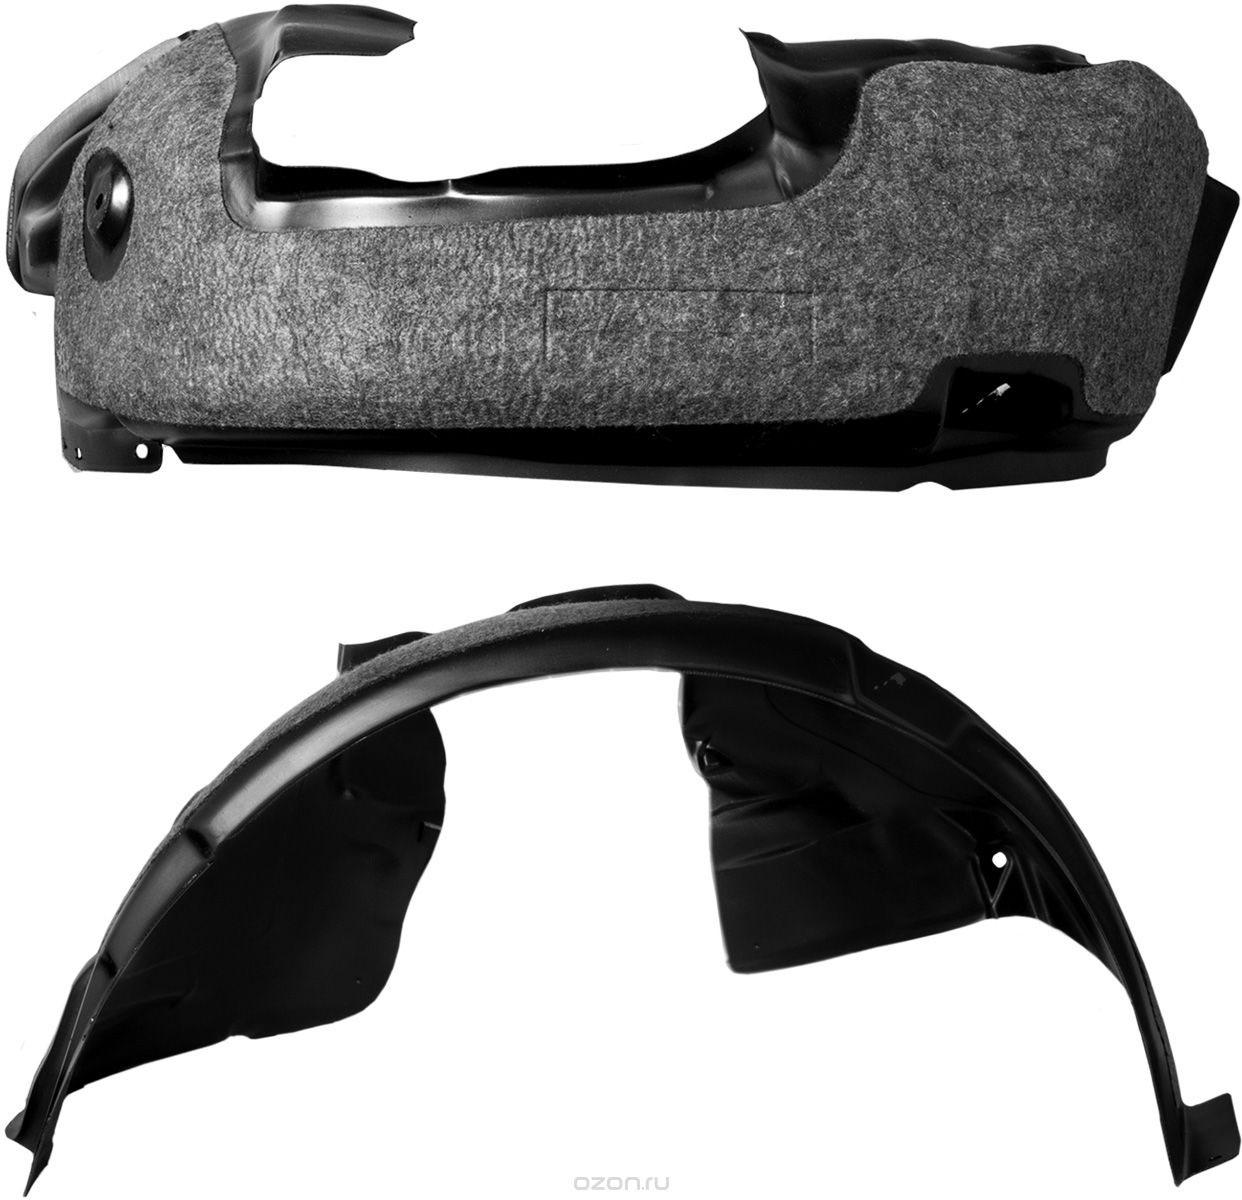 Подкрылок Novline-Autofamily с шумоизоляцией, для Ravon Gentra, 2013->, седан, передний правыйNLS.102.01.002Идеальная защита колесной ниши. Локеры разработаны с применением цифровых технологий, гарантируют максимальную повторяемость поверхности арки. Изделия устанавливаются без нарушения лакокрасочного покрытия автомобиля, каждый подкрылок комплектуется крепежом. Уважаемые клиенты, обращаем ваше внимание, что фотографии на подкрылки универсальные и не отражают реальную форму изделия. При этом само изделие идет точно под размер указанного автомобиля.